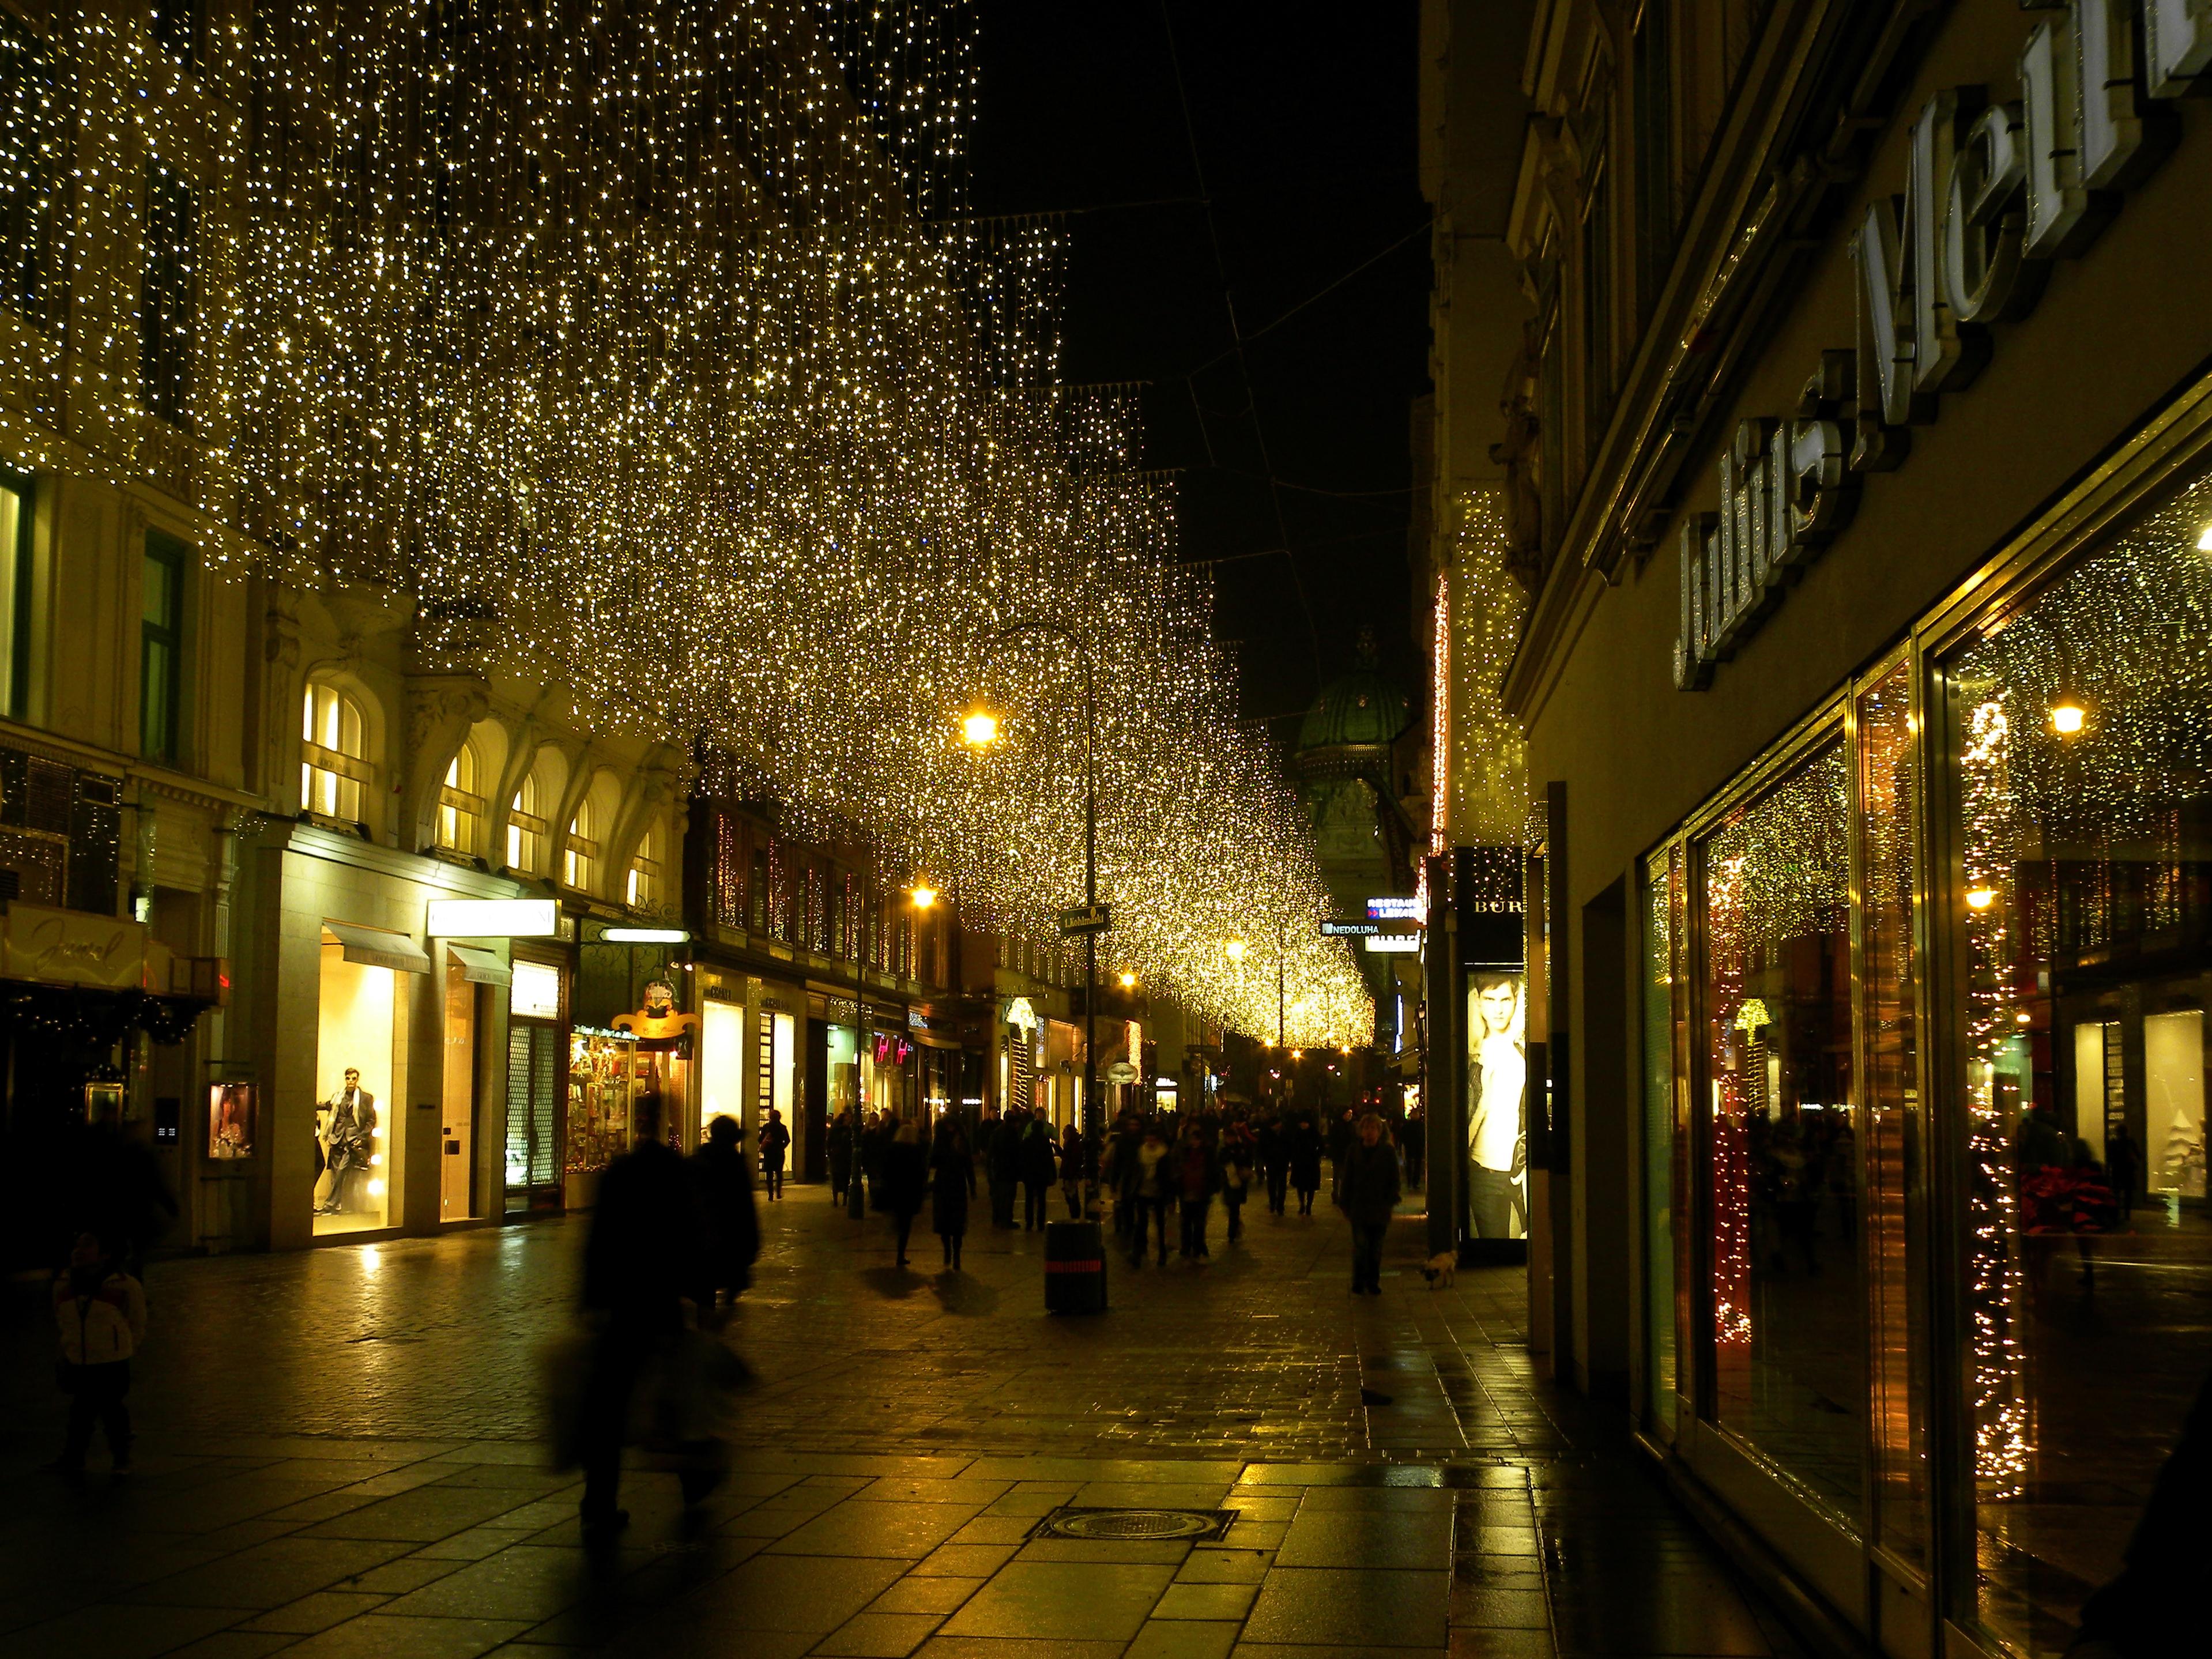 File:Wien-Innere Stadt - Kohlmarkt 1-5.jpg - Wikimedia Commons